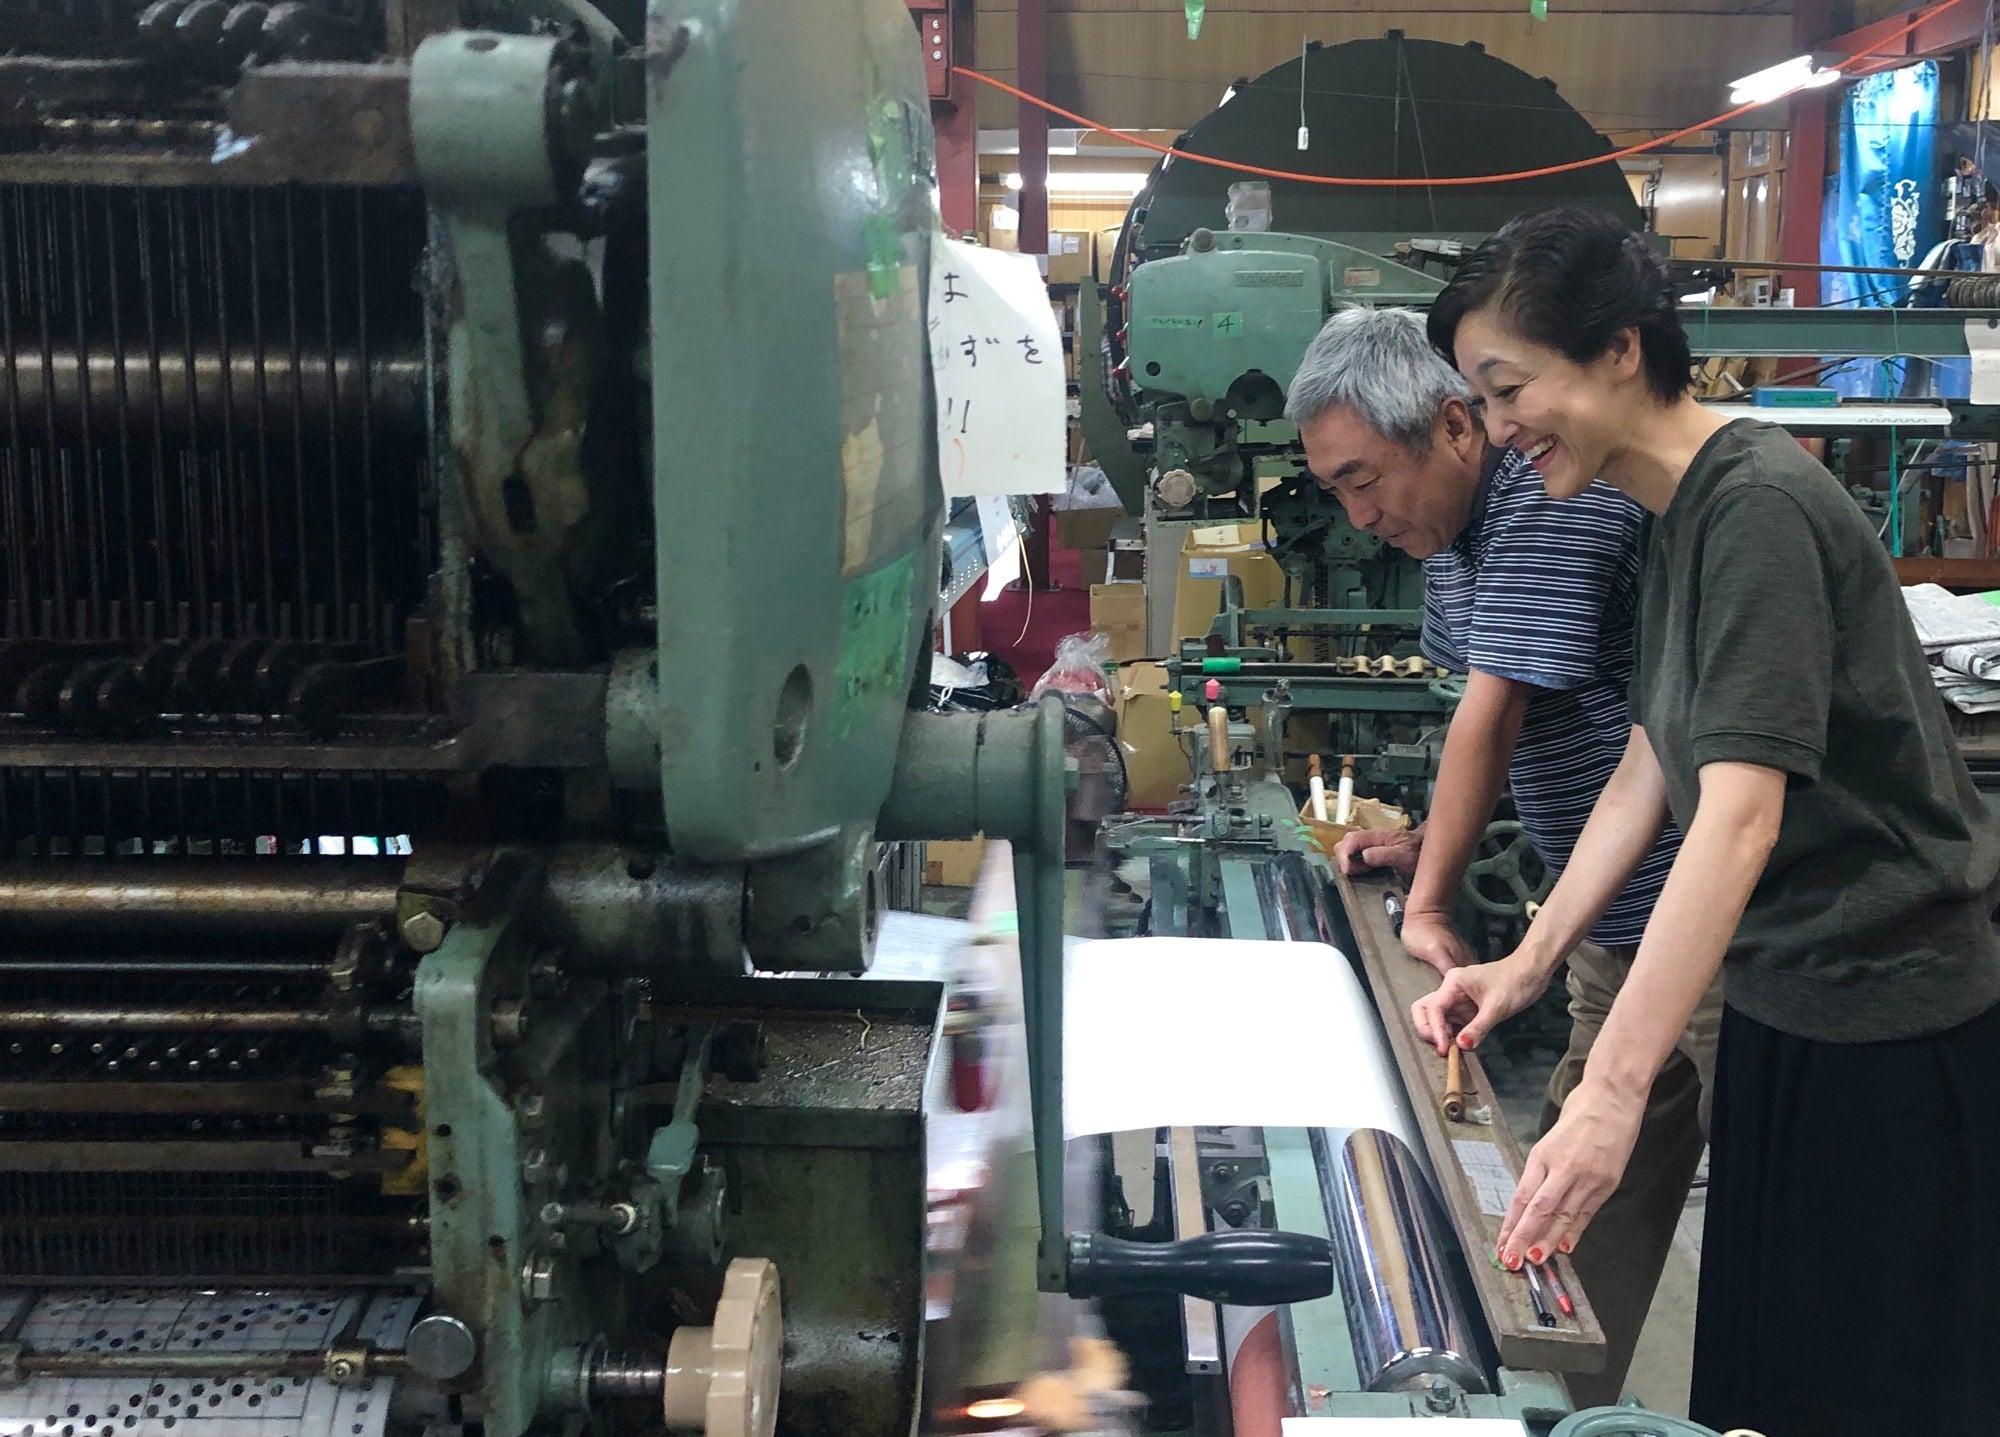 山梨の機屋さんの工房で、たて糸を作る様子を見る瀬口。「私の要求に快く応じてくださり、さらにイメージをふくらませてくれる職人さんとの交流が私のモチベーションの源です」。